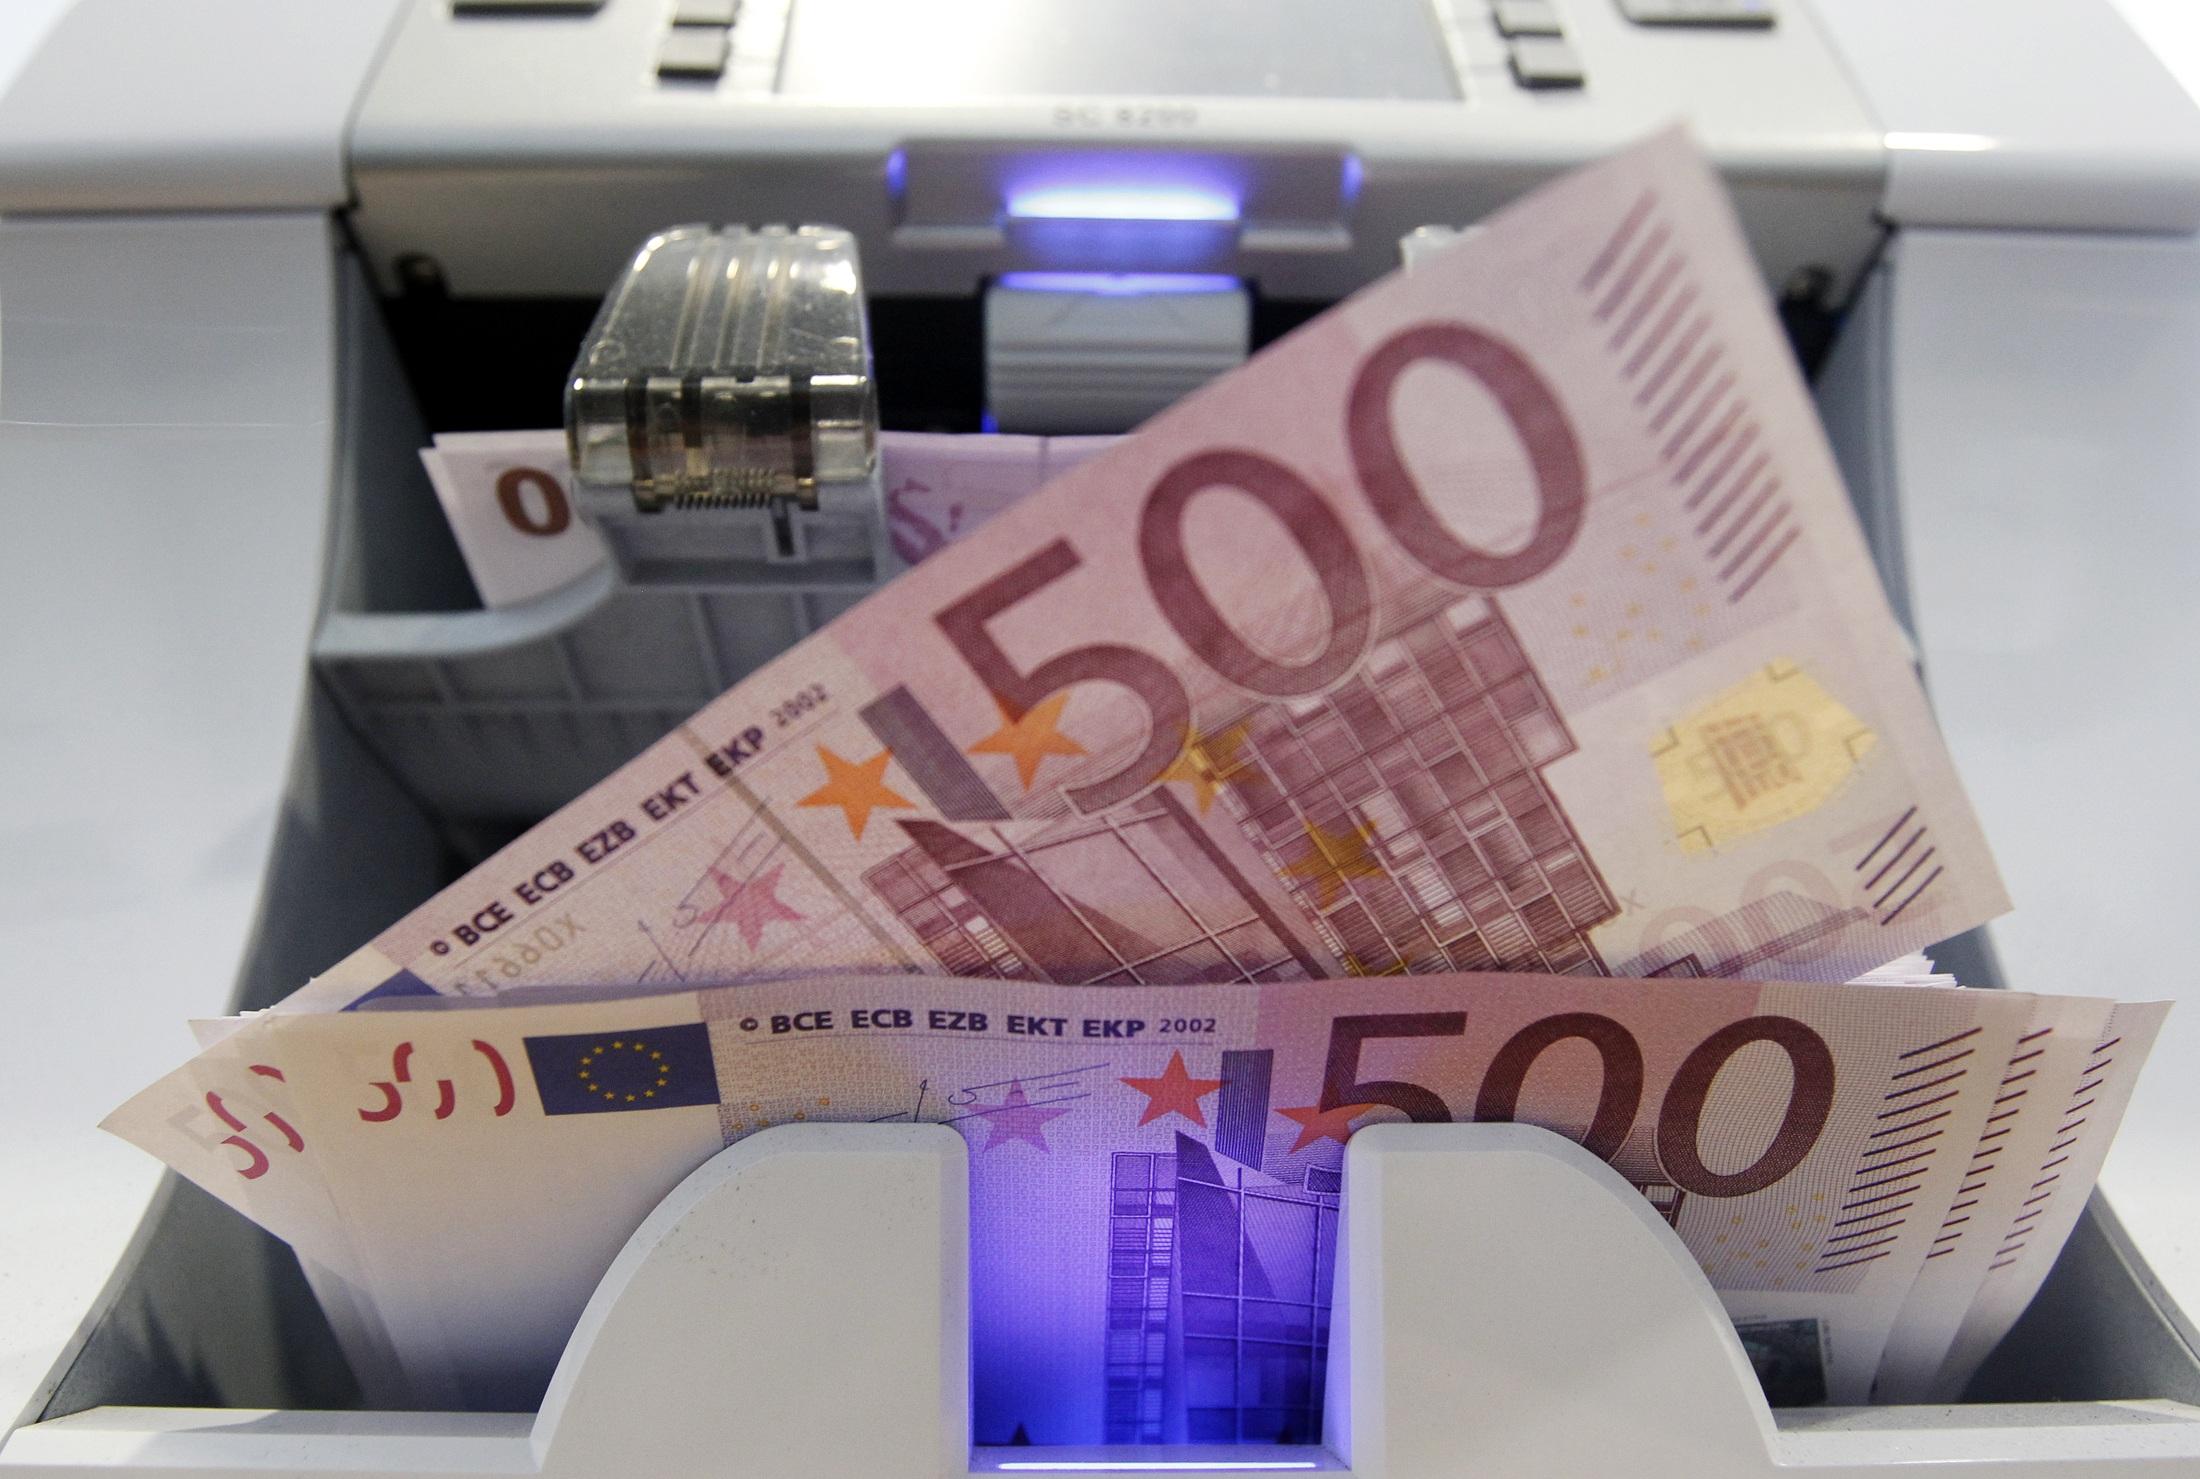 ΟΔΔΗΧ: Αντλησε 1,3 δισ. ευρώ από 6μηνα έντοκα γραμμάτια   tovima.gr